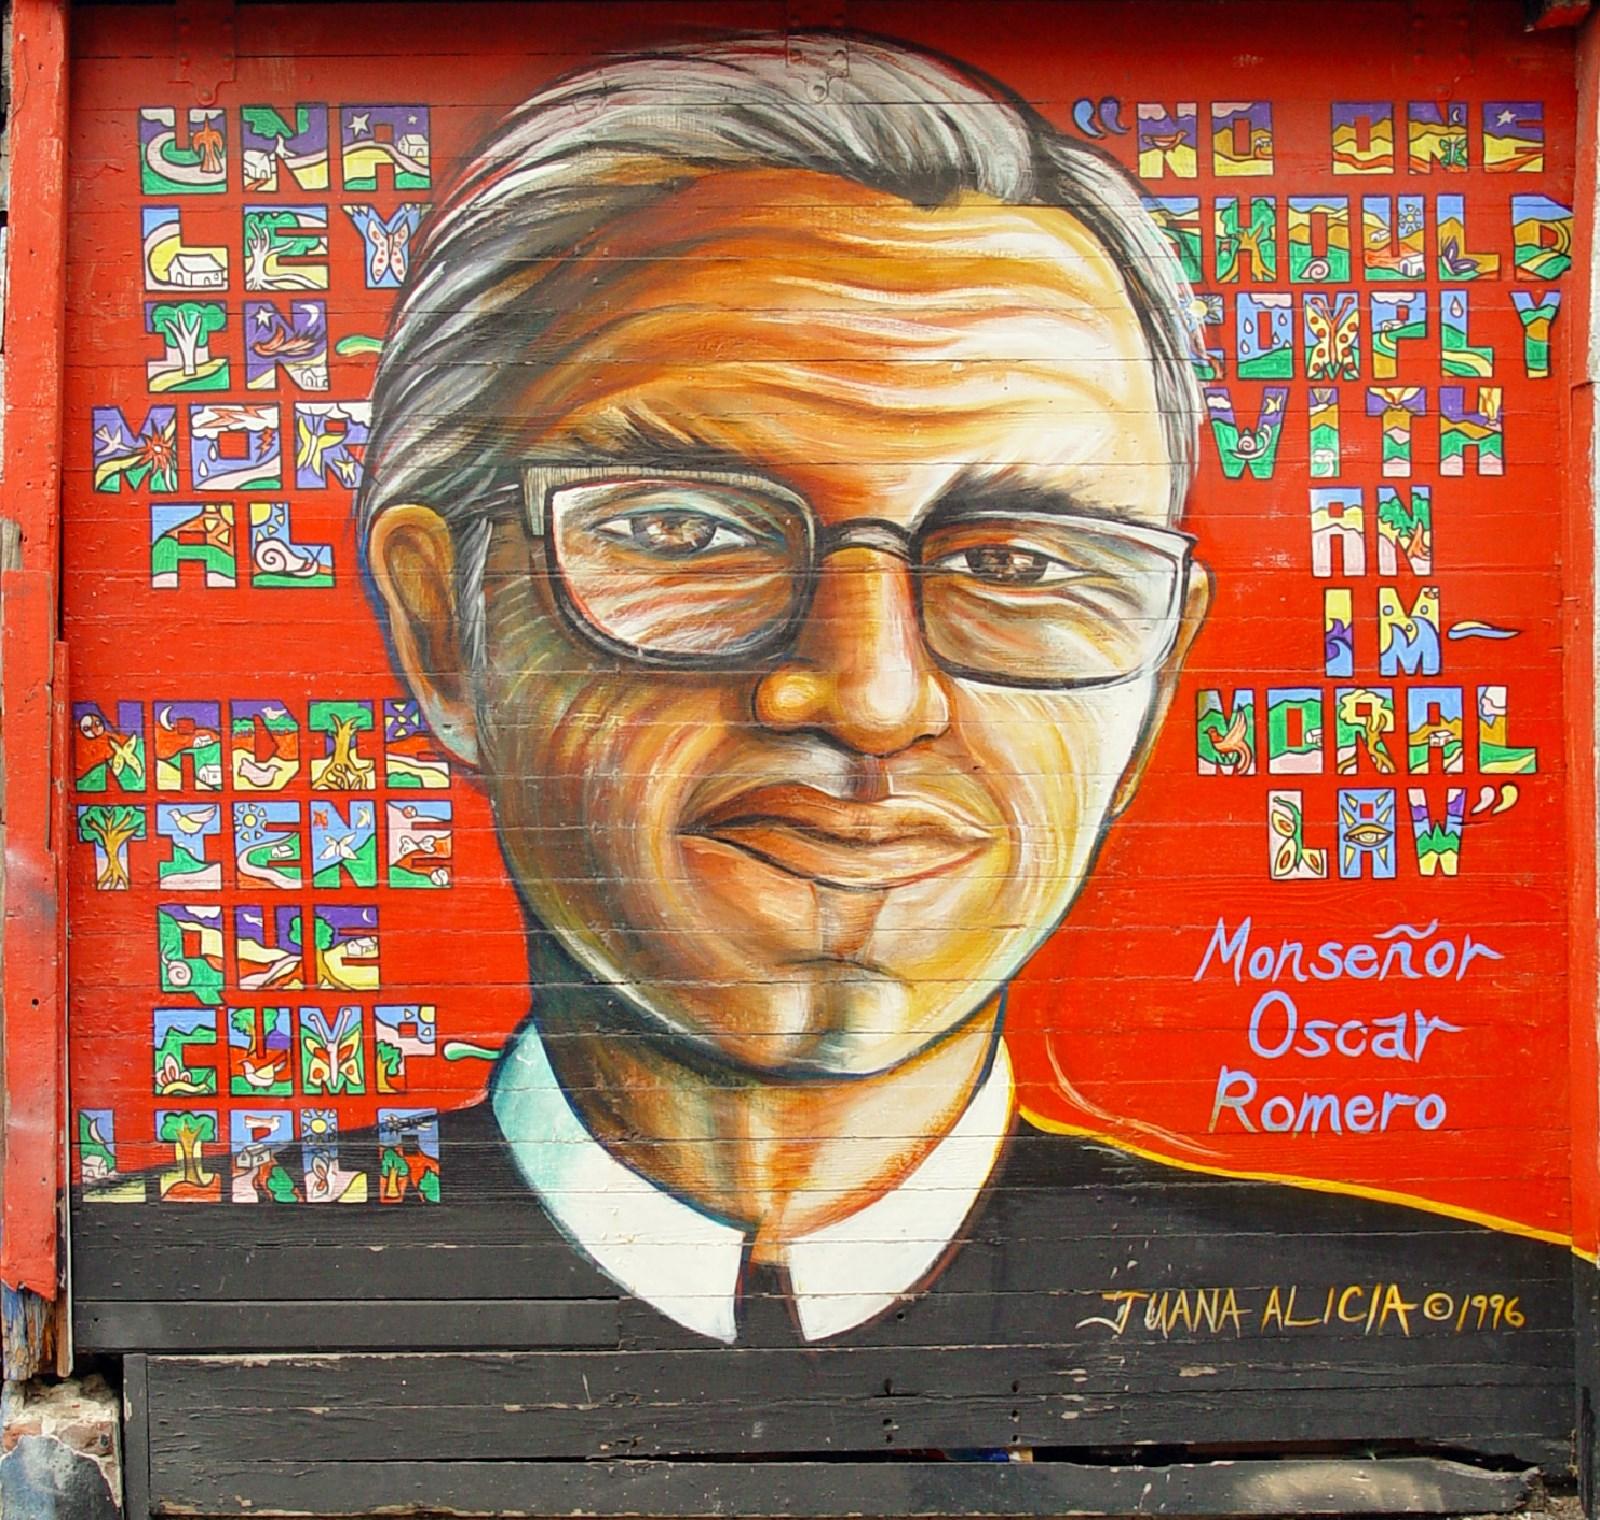 00 Juana Alicia. Monsenor Oscar Romero. 1996